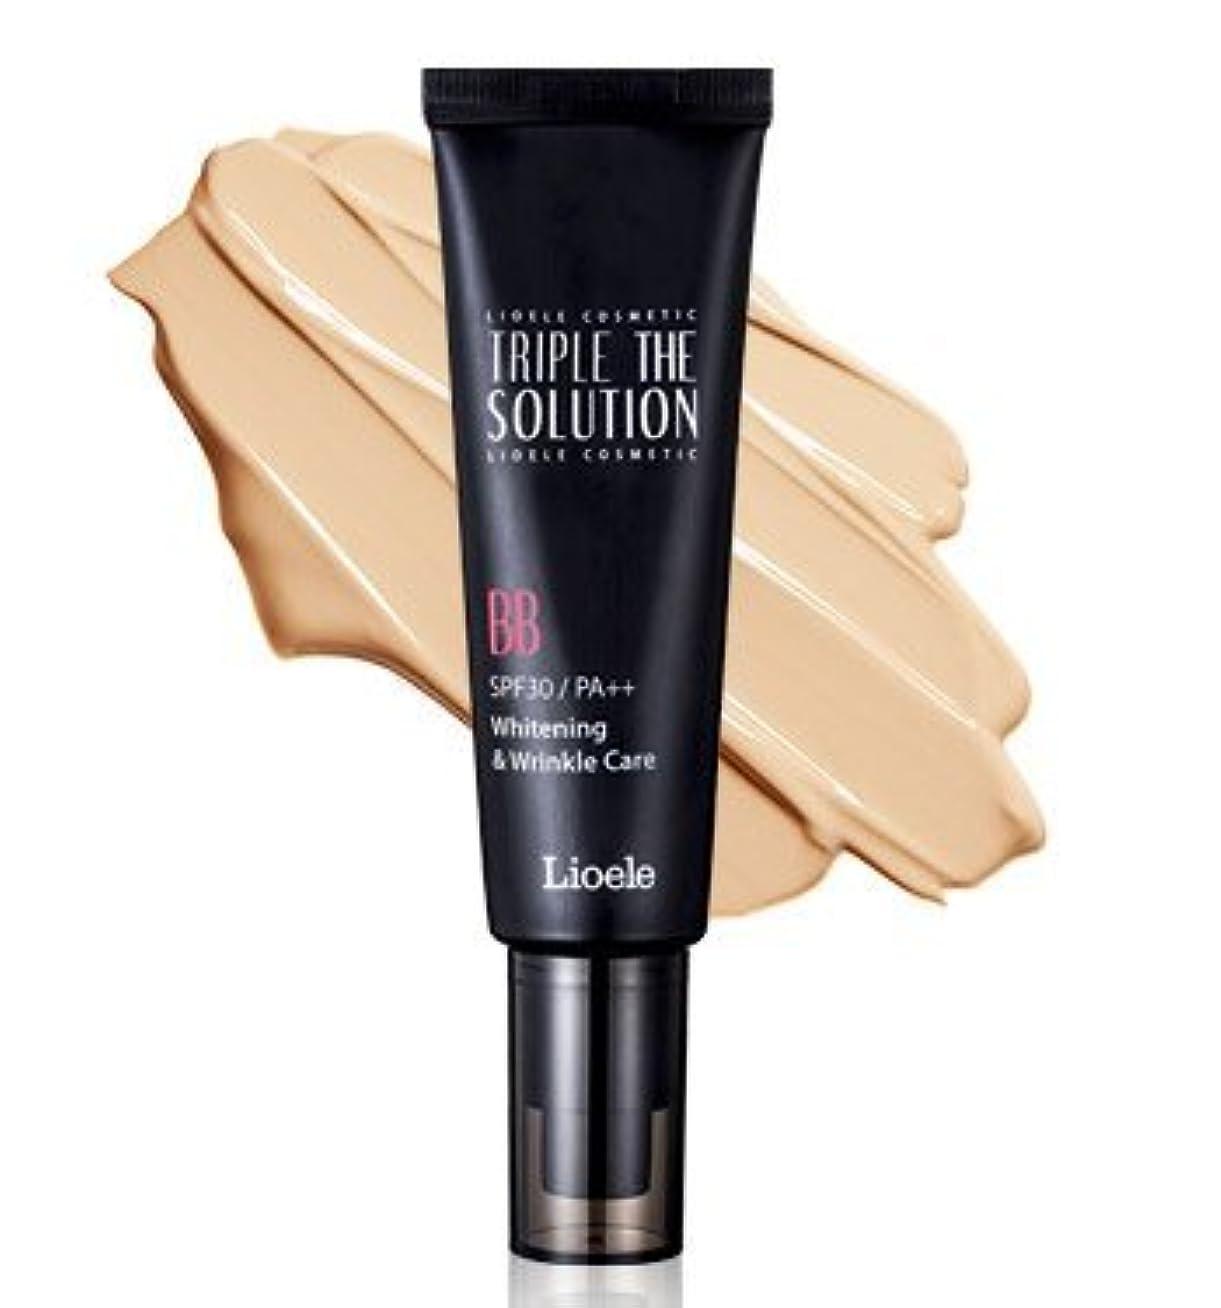 おイタリックおじさんリオエリ(Lioele) トリプル ザ ソルーション BBクリーム/Lioele Triple The Solution BB Cream [並行輸入品]